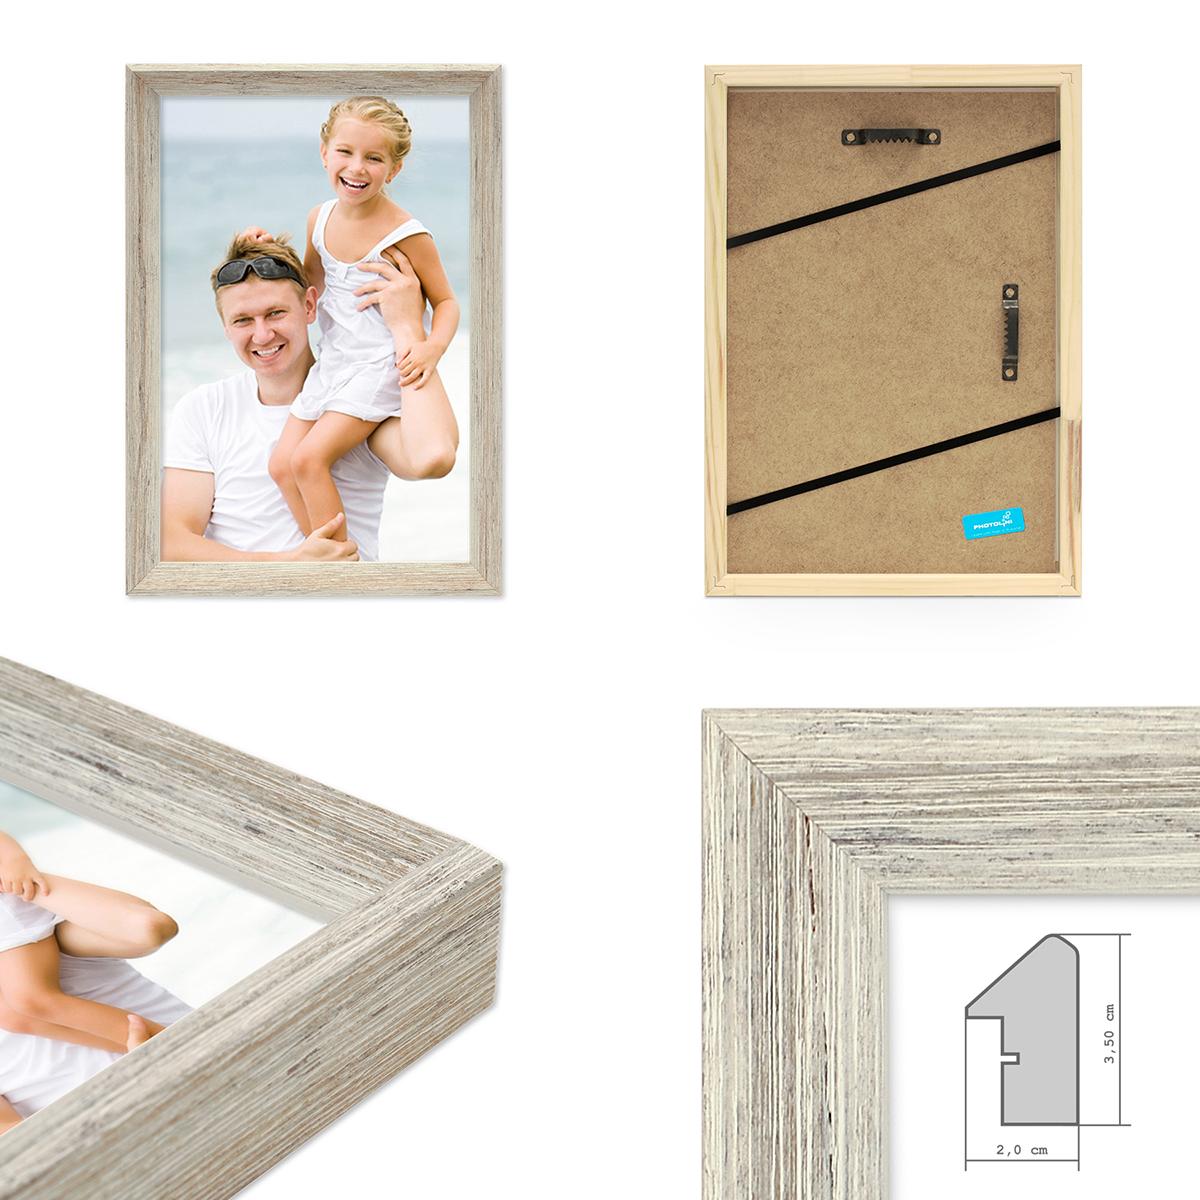 3er set vintage bilderrahmen shabby chic weiss 20x20 cm massivholz mit glasscheibe und zubeh r. Black Bedroom Furniture Sets. Home Design Ideas